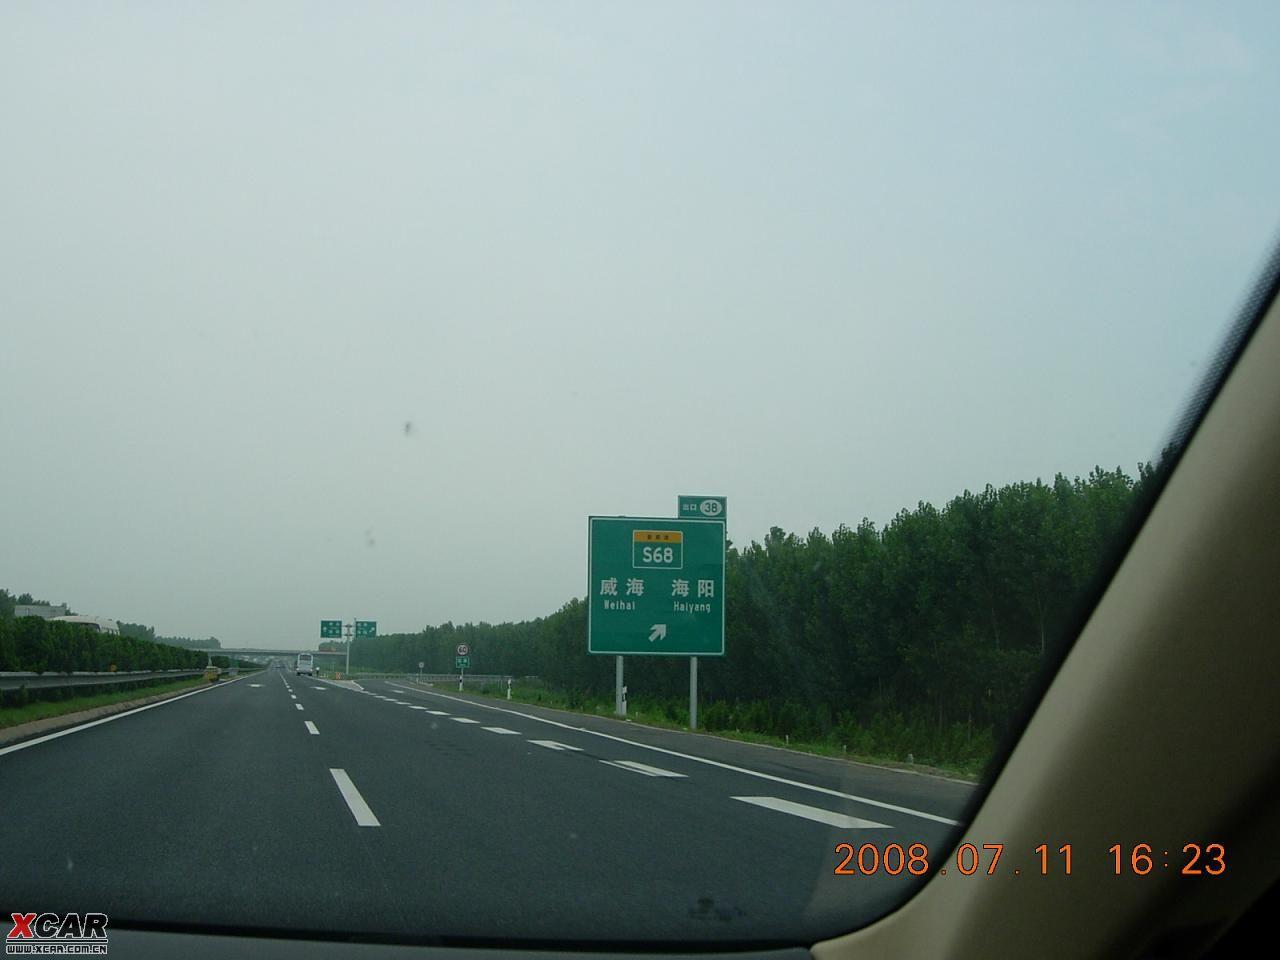 青岛高速路标图片